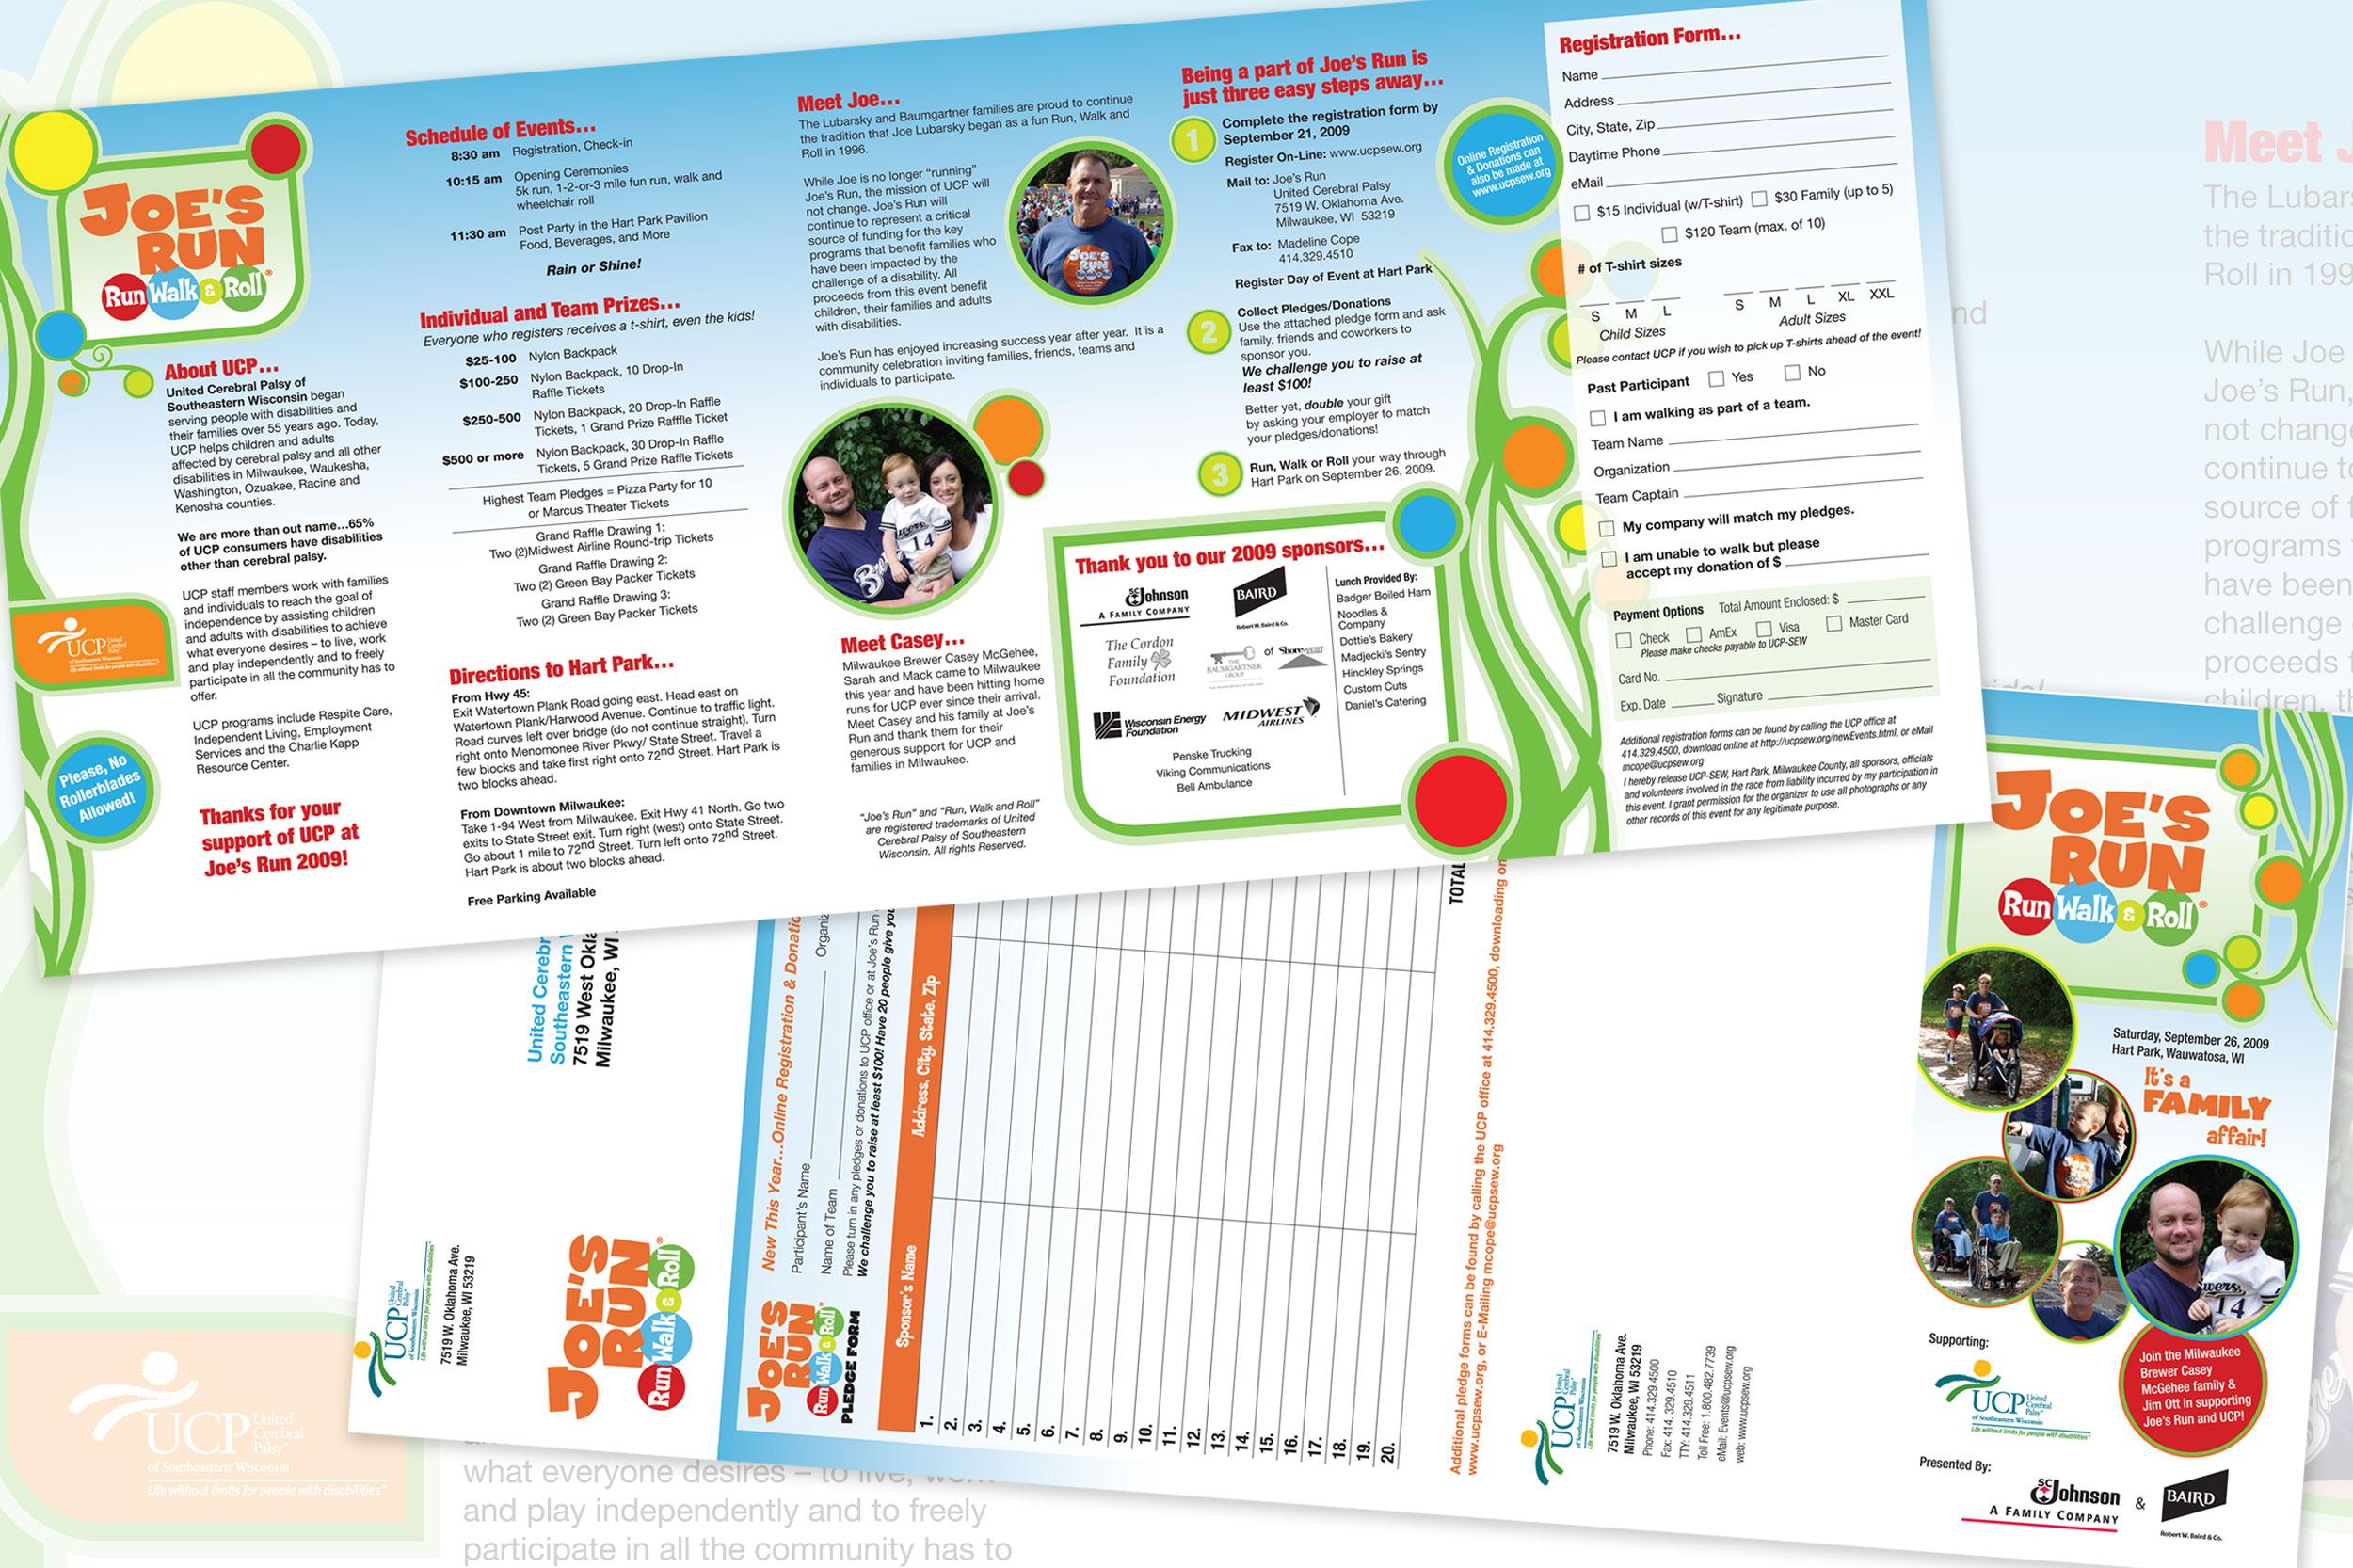 UCP Joe's Run Brochure & Branding (2009)